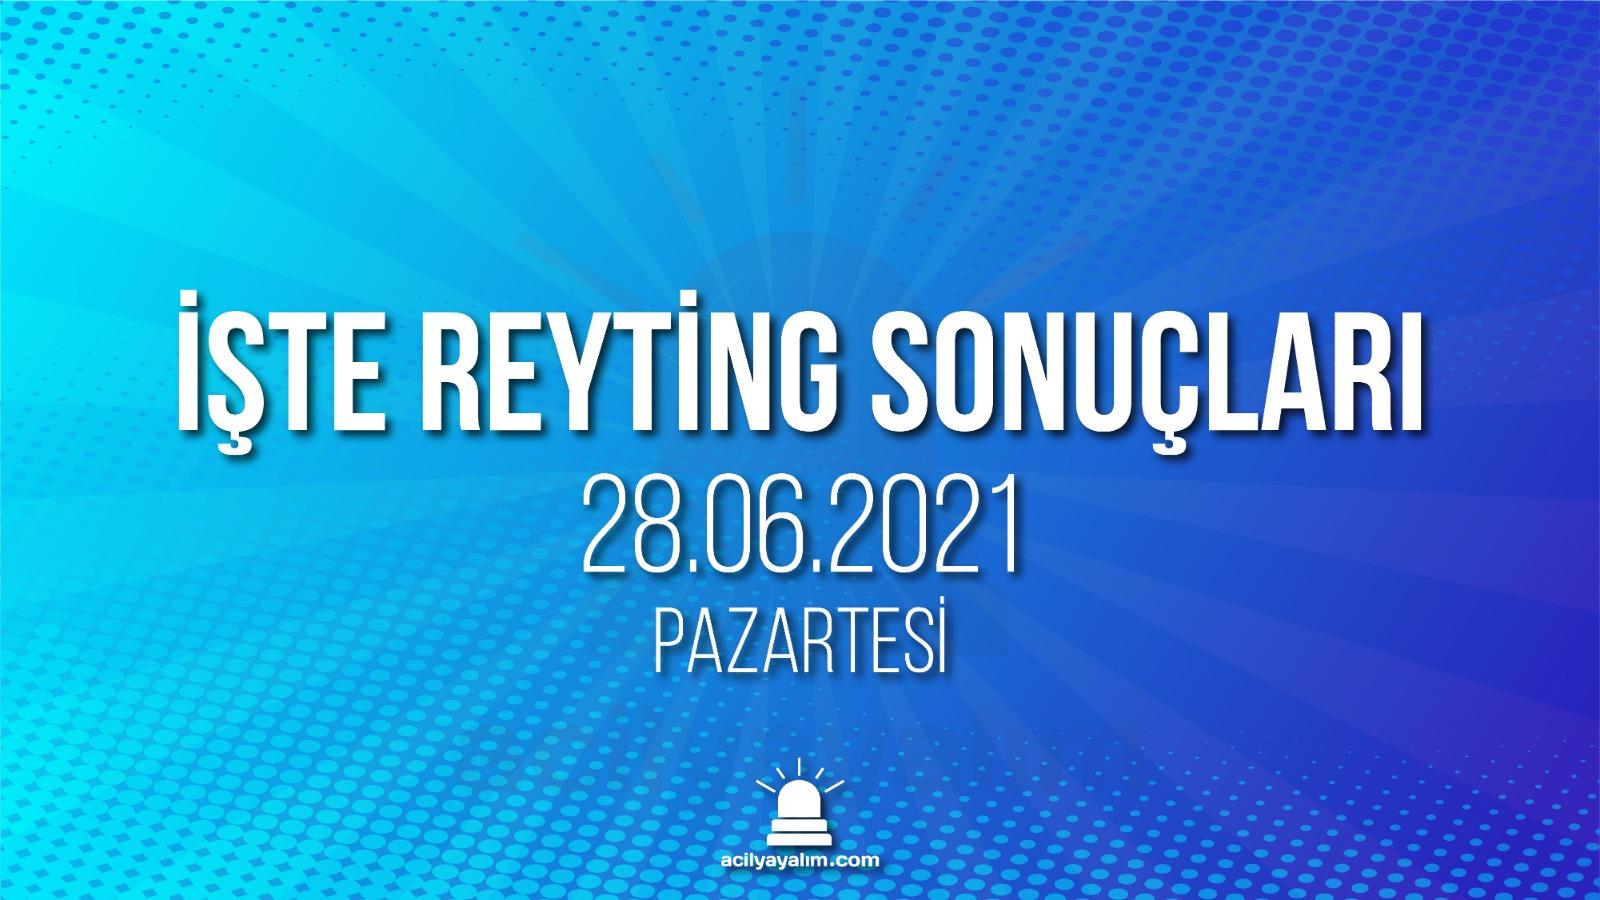 28 Haziran 2021 Pazartesi reyting sonuçları